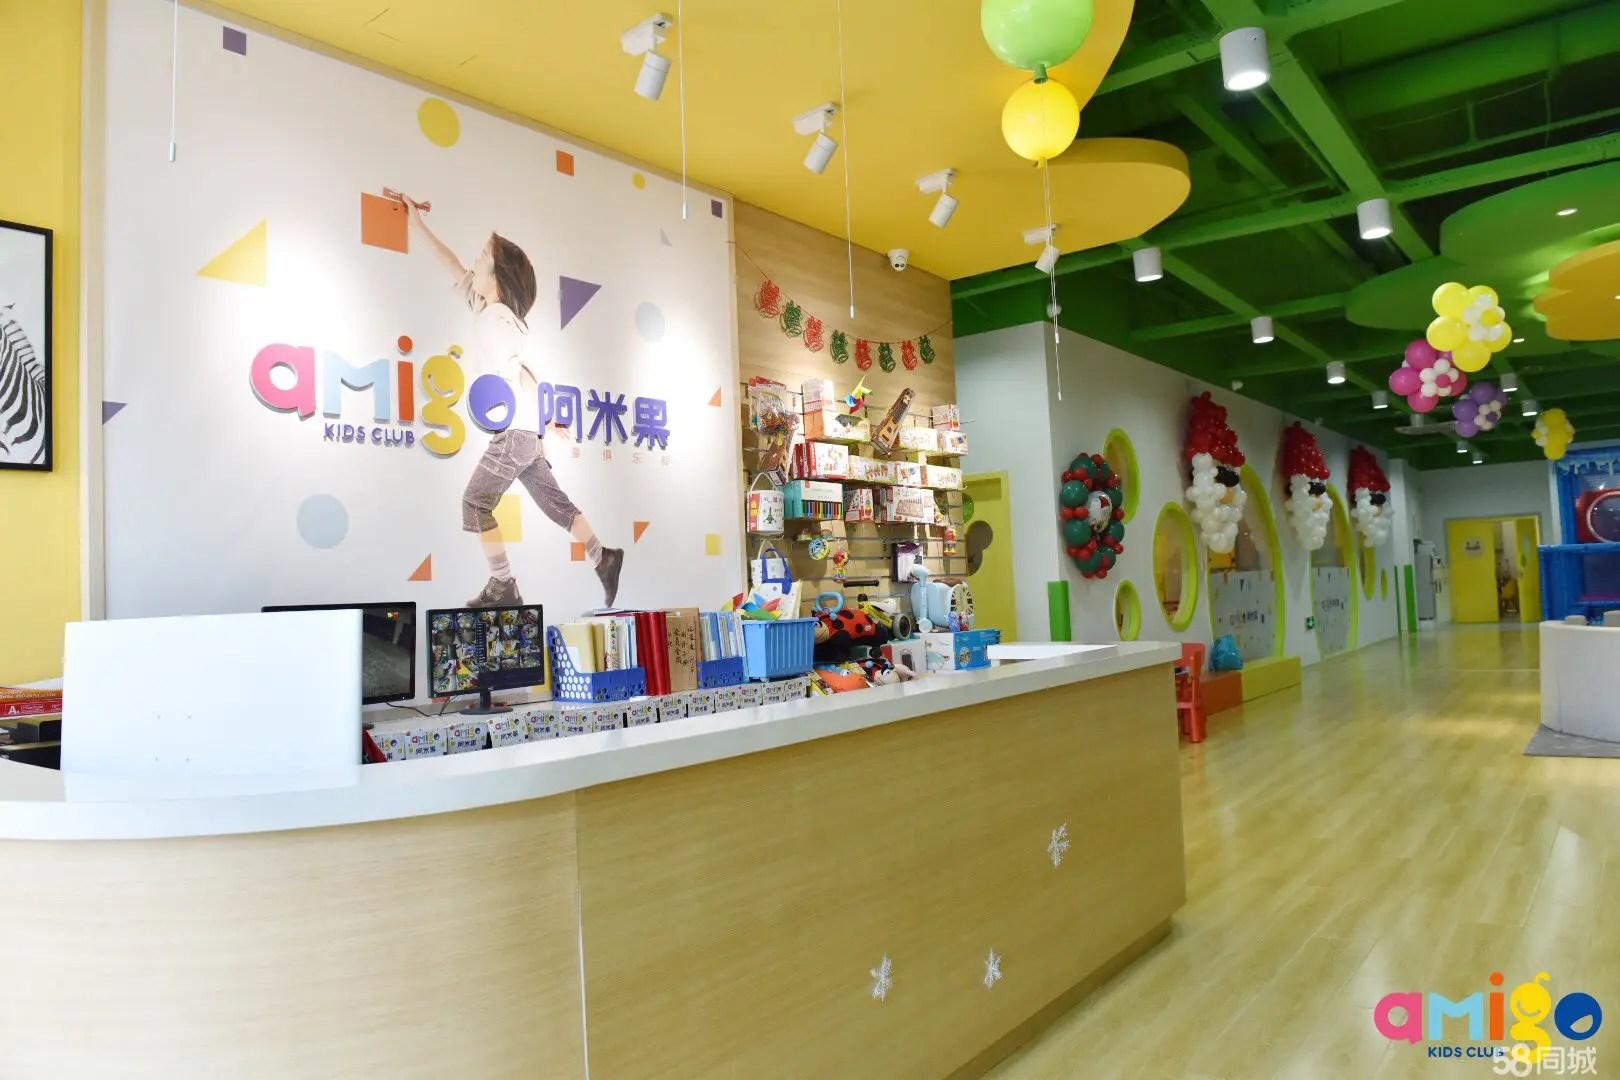 上海阿米果教育科技有限公司2020最新招聘信息_電話_地址 - 58企業名錄